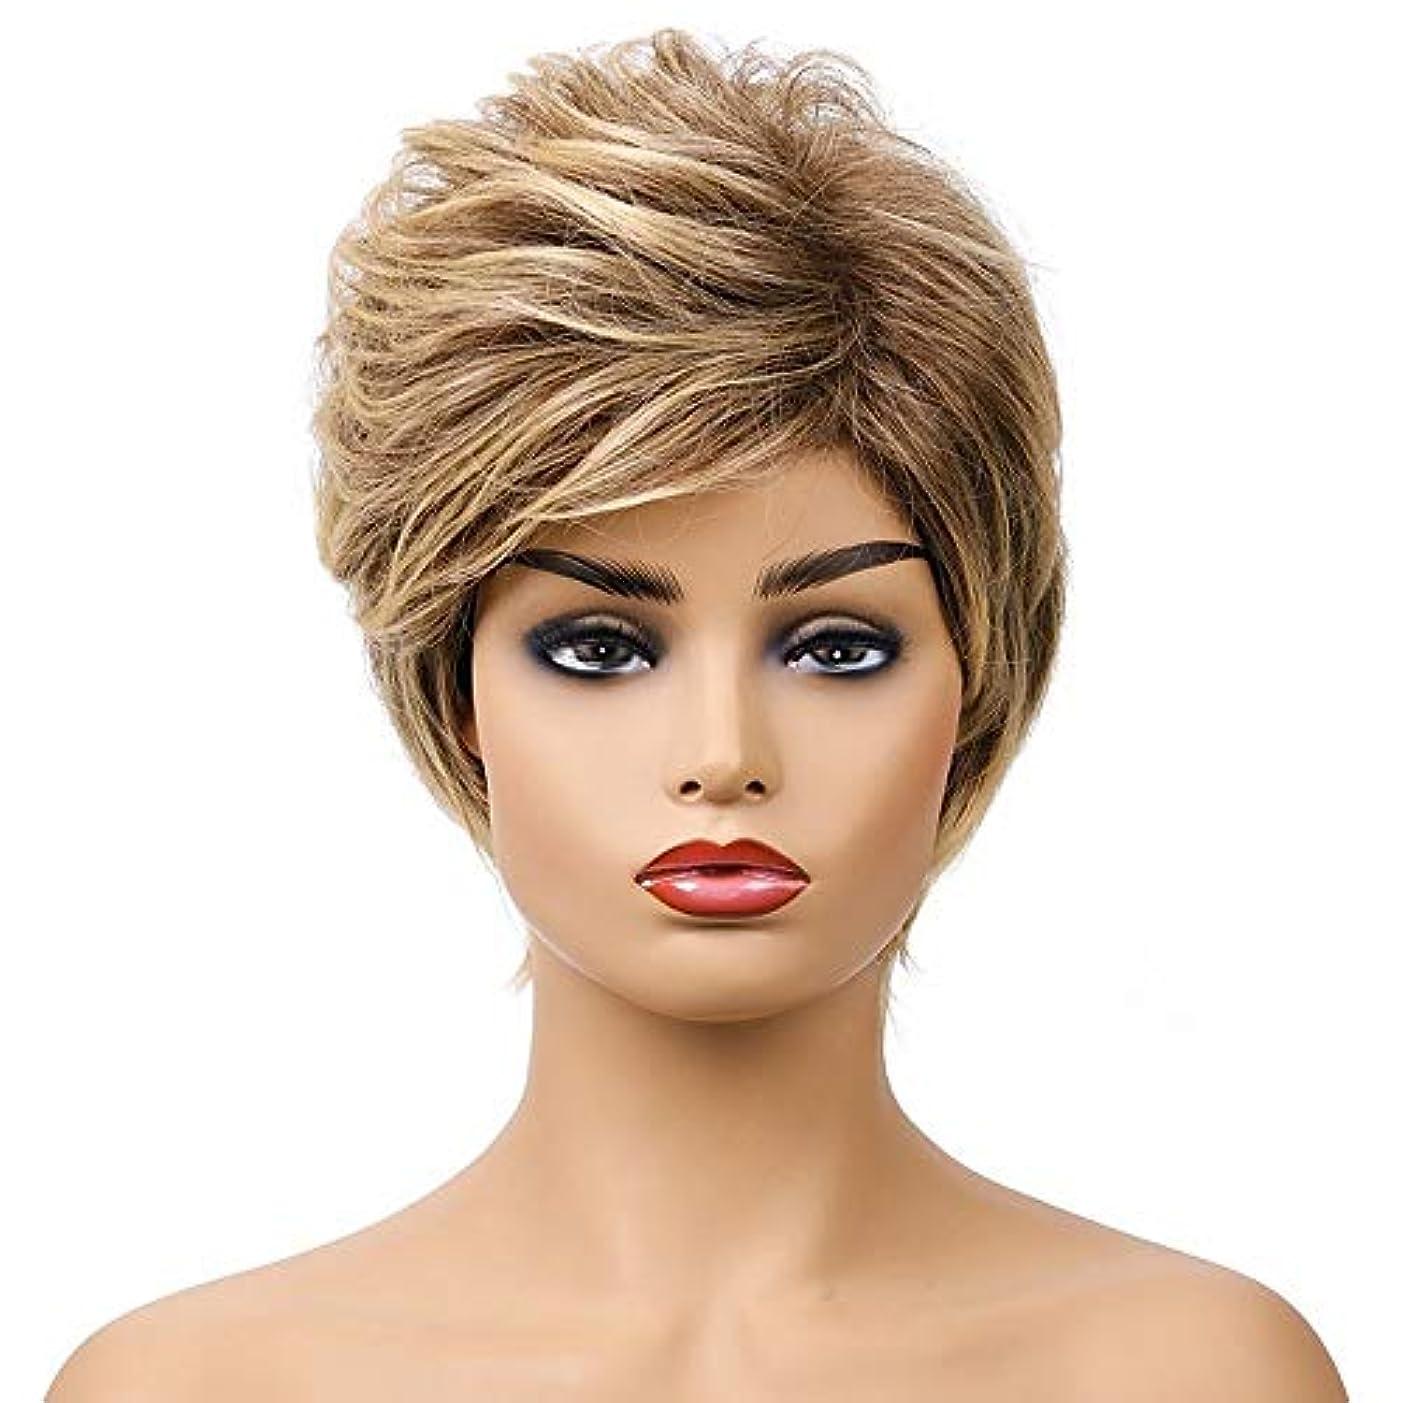 地味な植物学虐殺女性の短い茶色の巻き毛のかつら、女性の側部のかつら、黒人女性のための自然なかつら、合成衣装ハロウィンコスプレパーティーウィッグ、茶色の黄色の混合色(ウィッグキャップ付き)